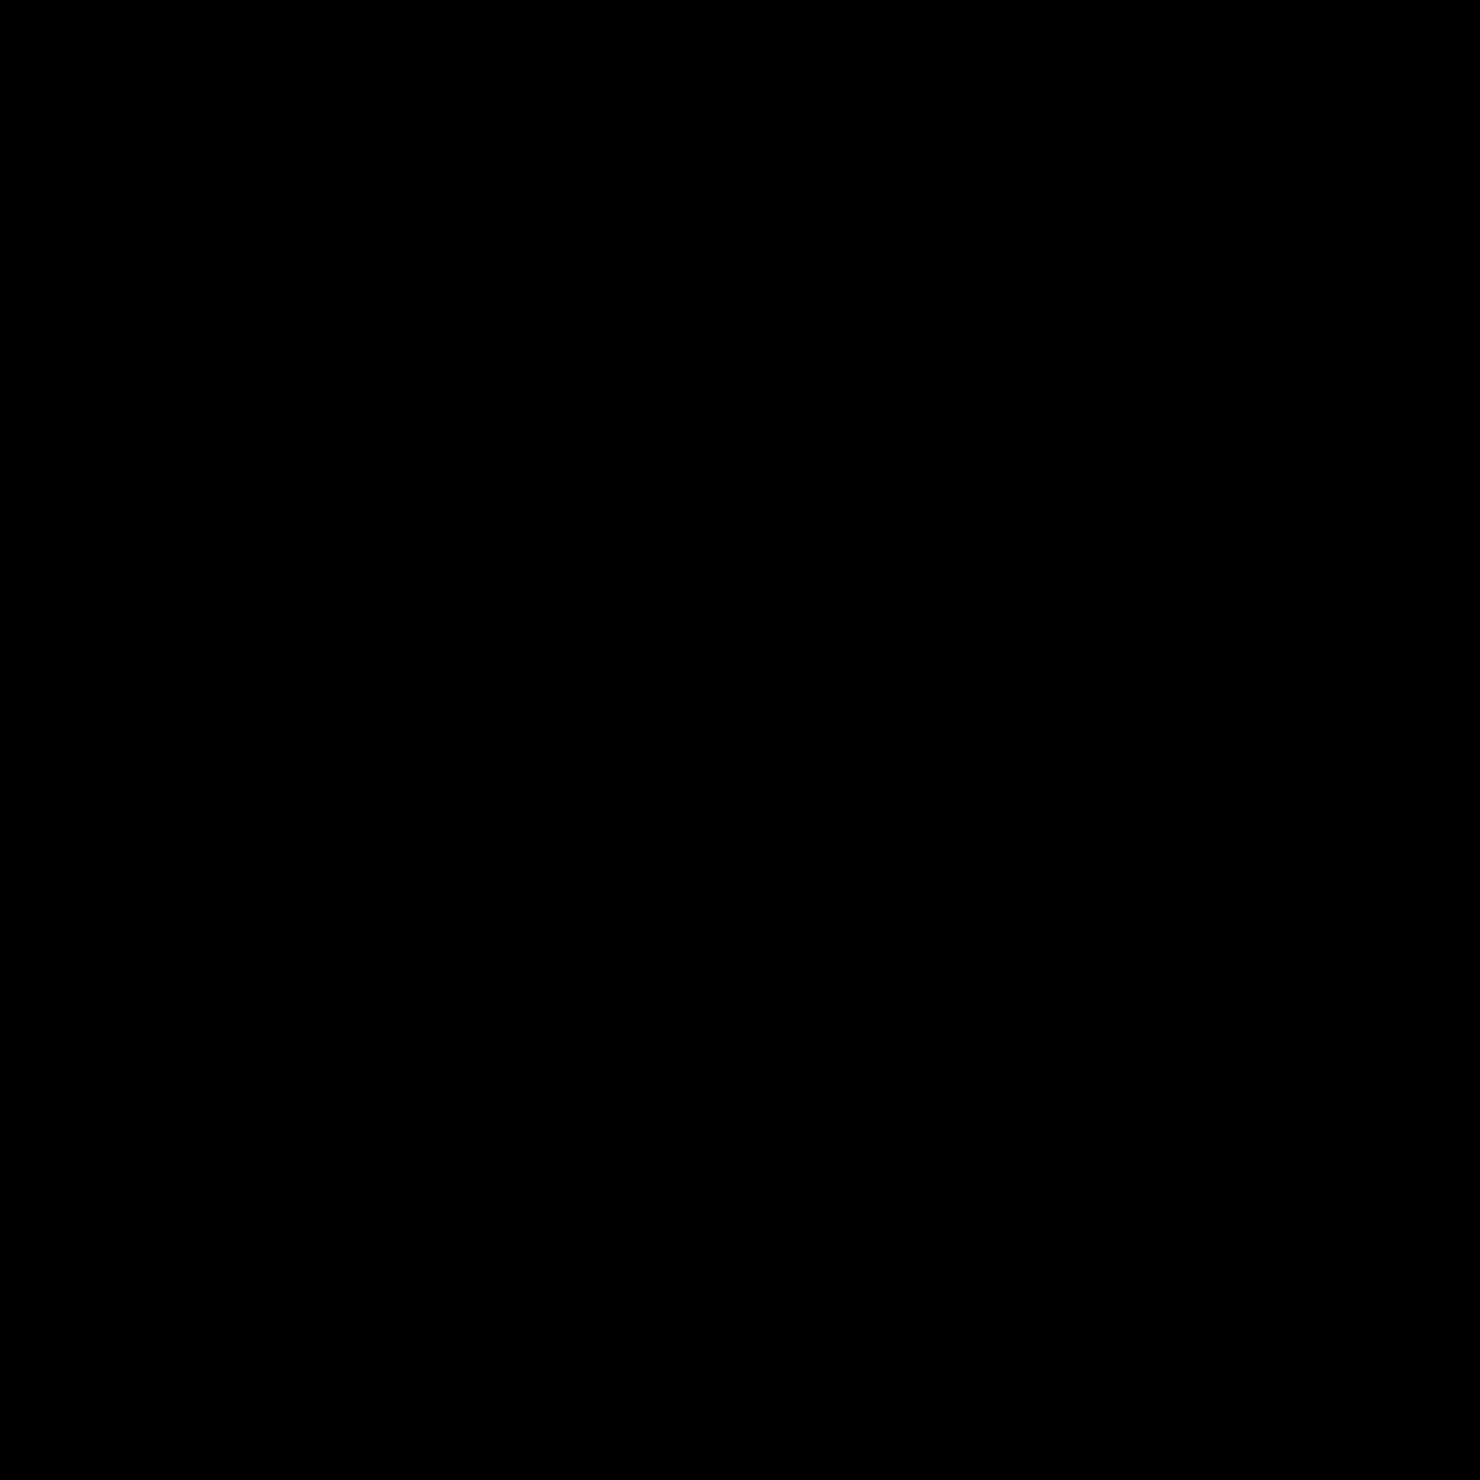 McKeeRisk_Icons2-05